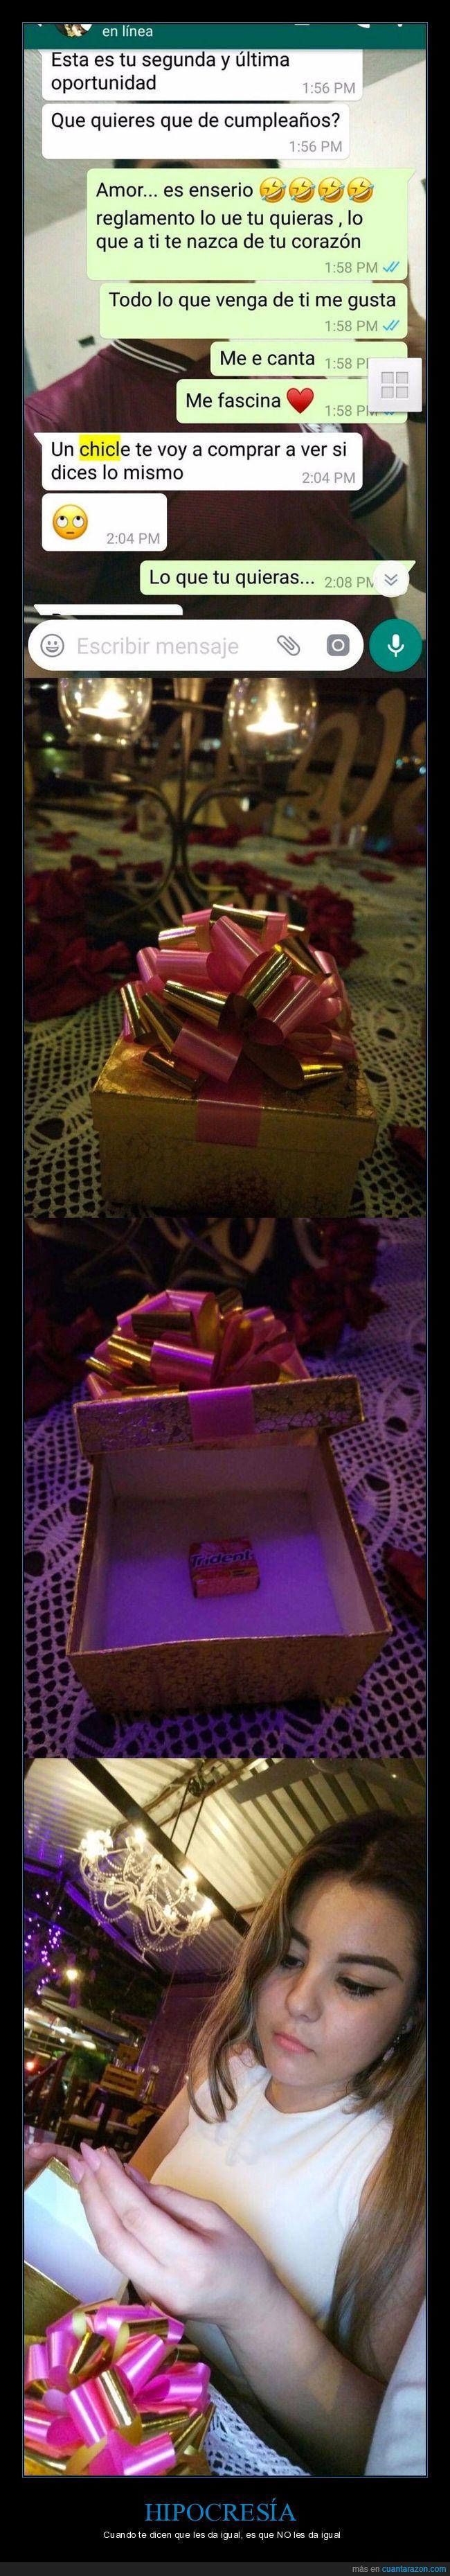 chicle,cumpleaños,regalo